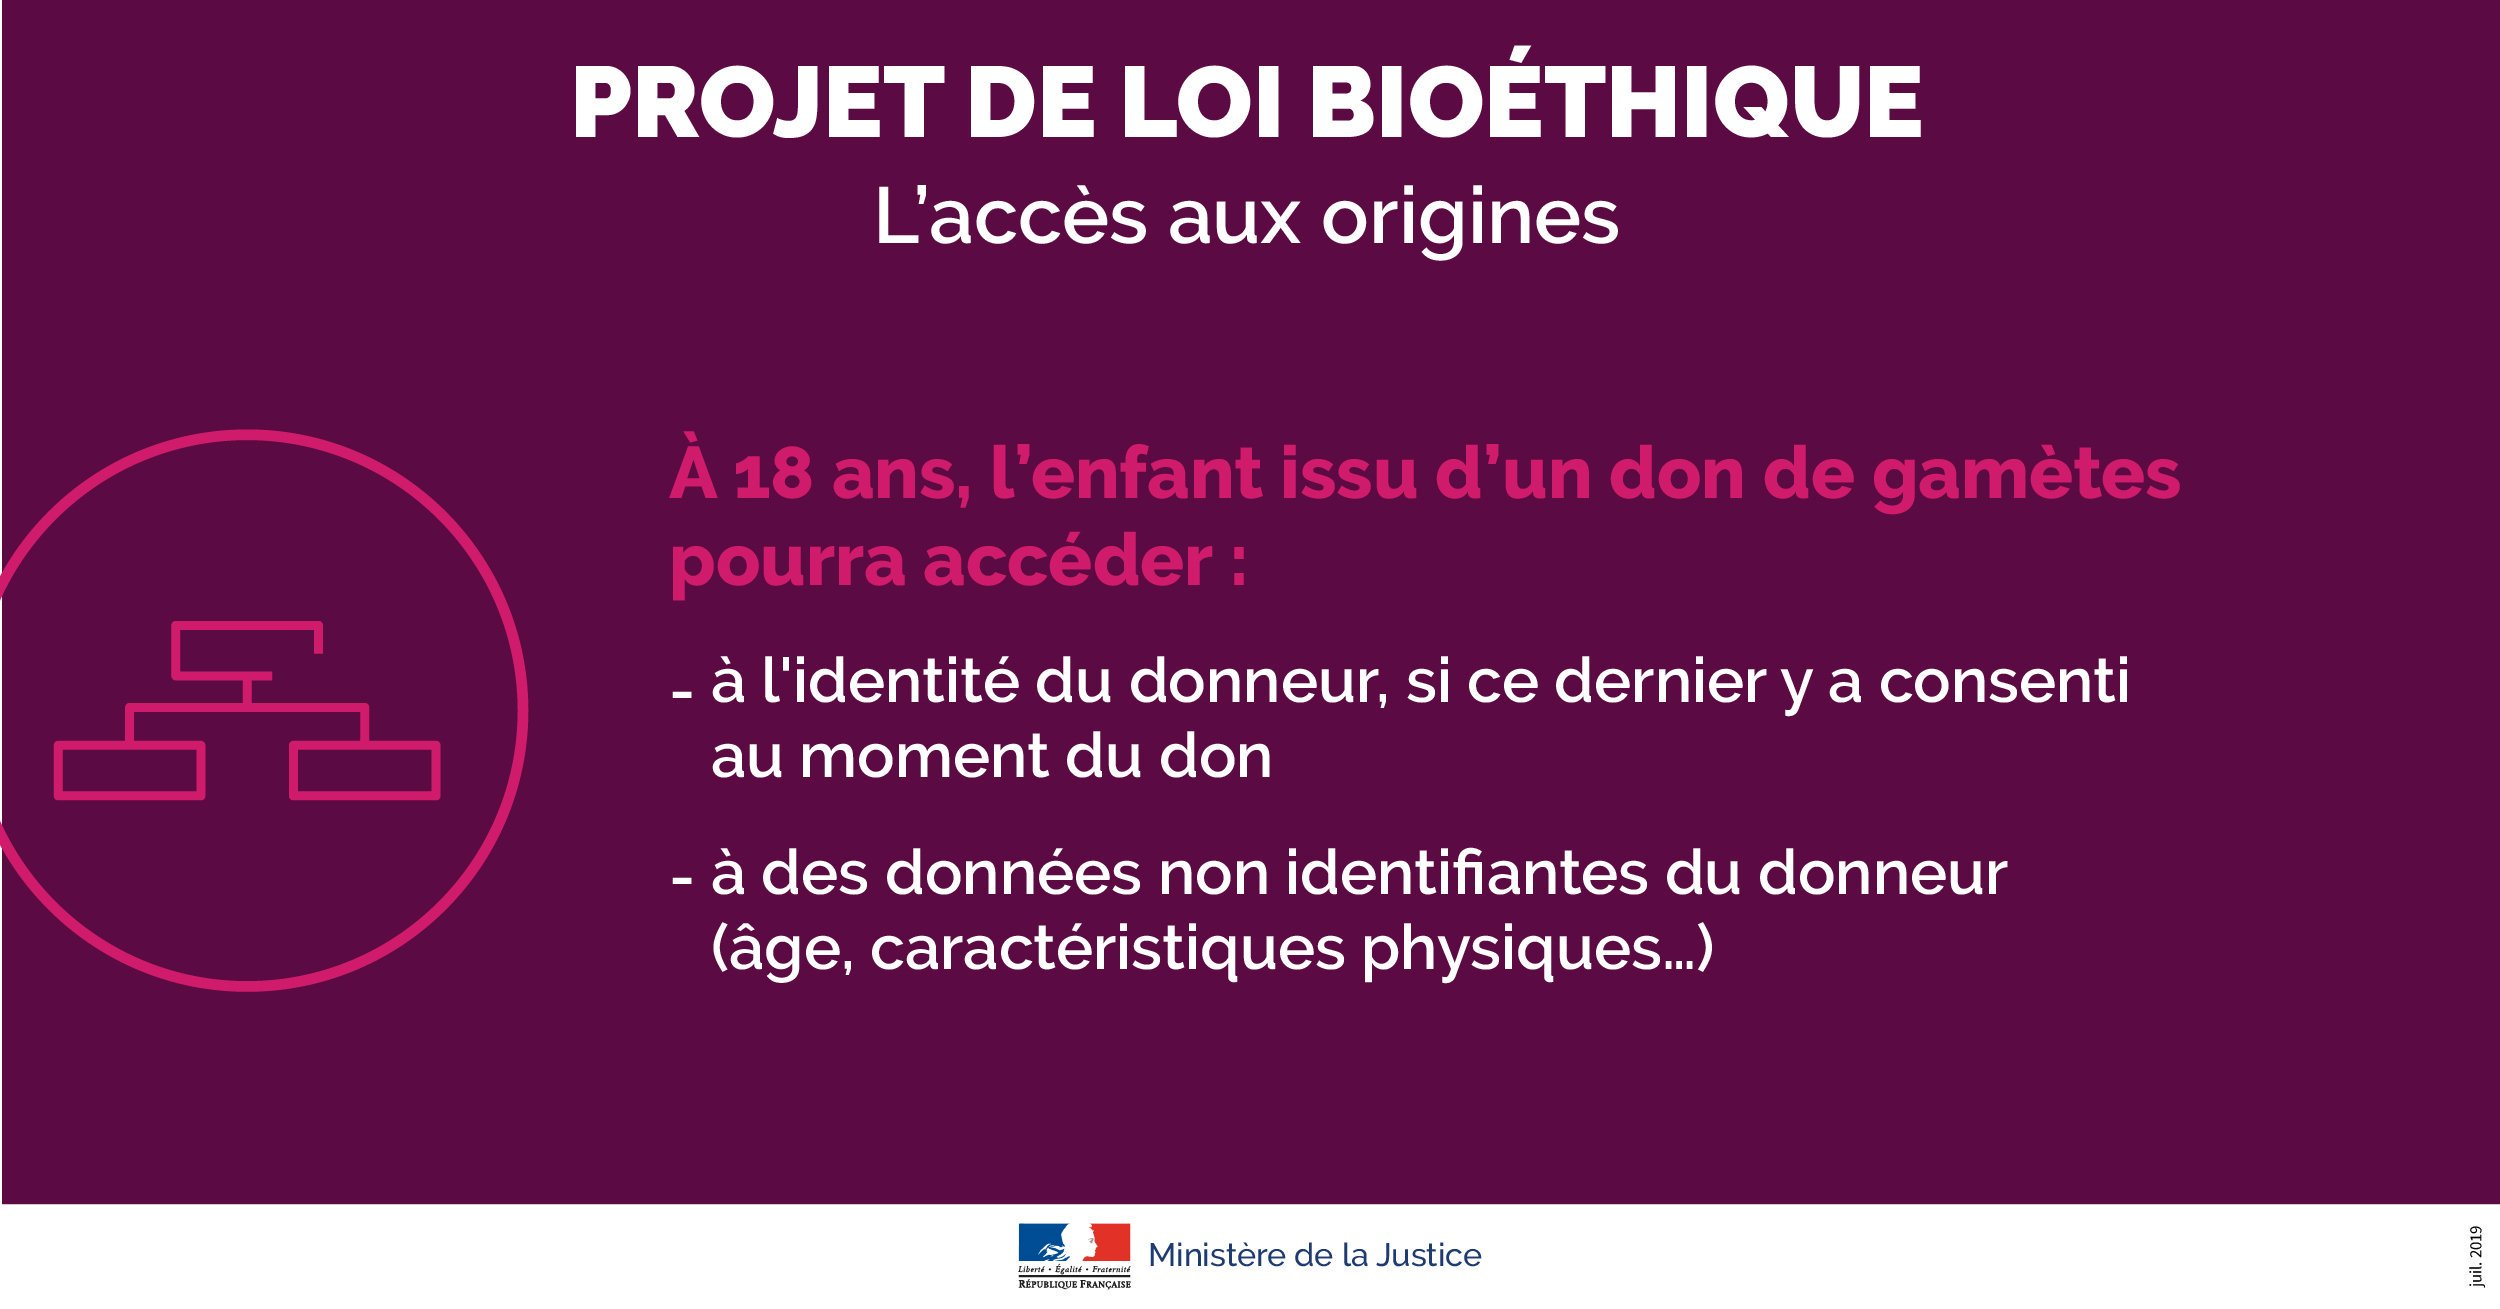 Projet loi bioethique 2019